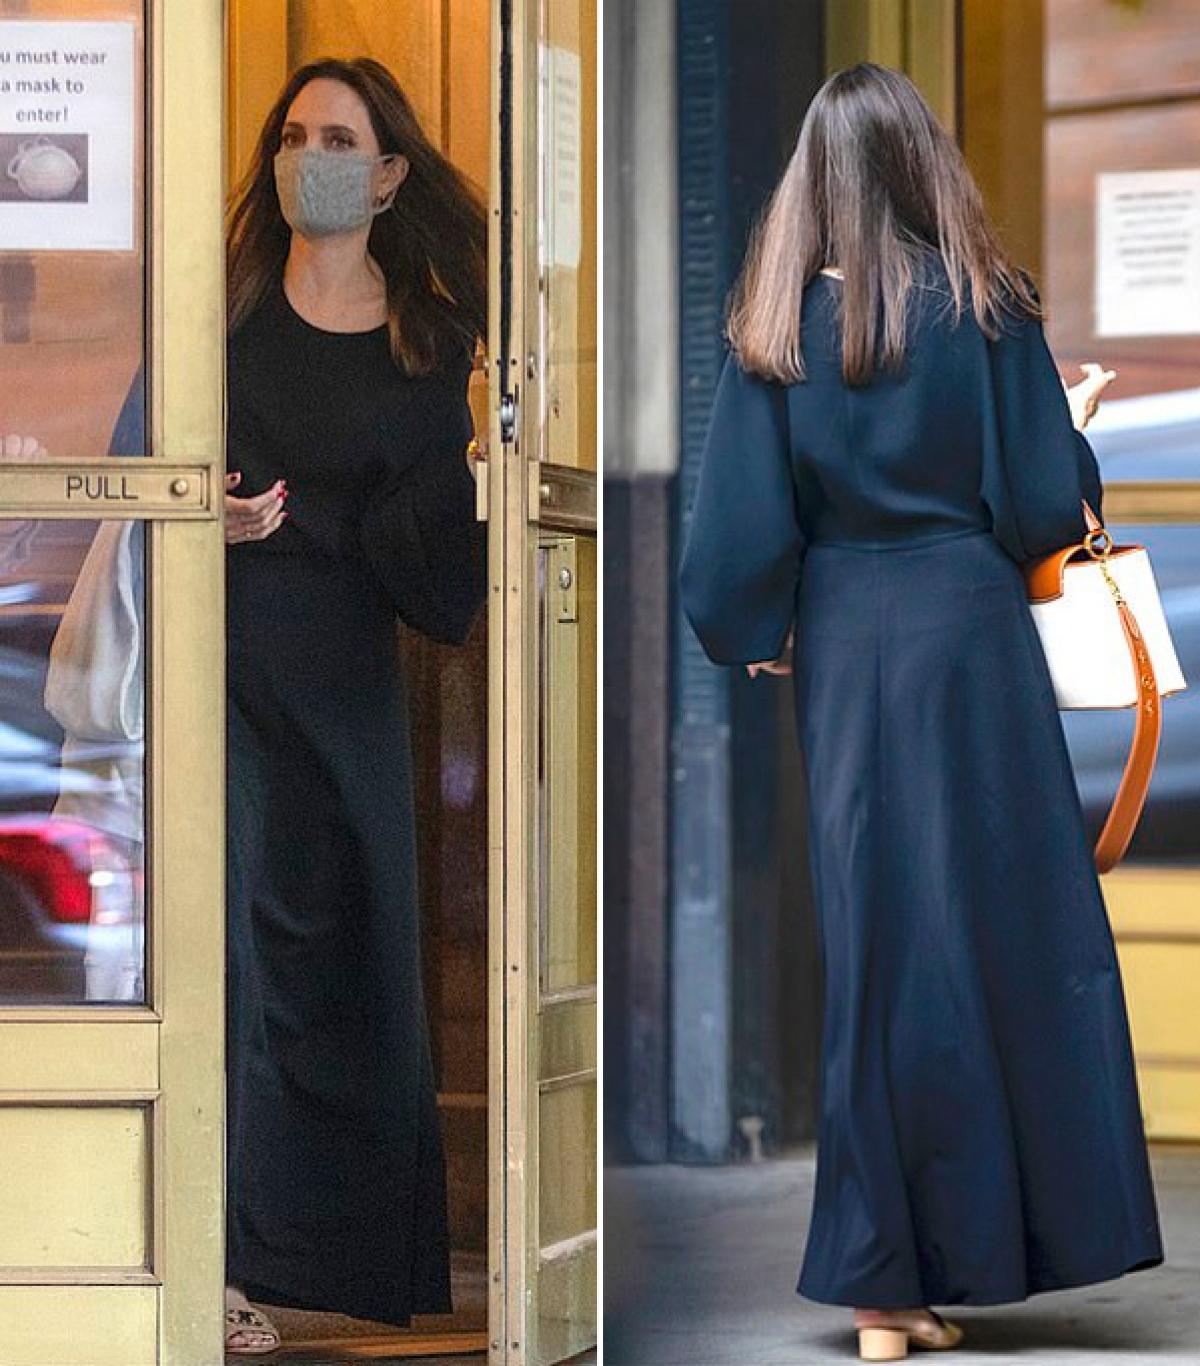 """Trước câu hỏi của MC Justin Sylvester về việc cô có những tiêu chuẩn khắt khe khi tìm bạn đời không, Angelina Jolie đáp: """"Tôi có lẽ có một danh sách rất dài chứ. Tôi đã ở một mình quá lâu rồi""""./."""